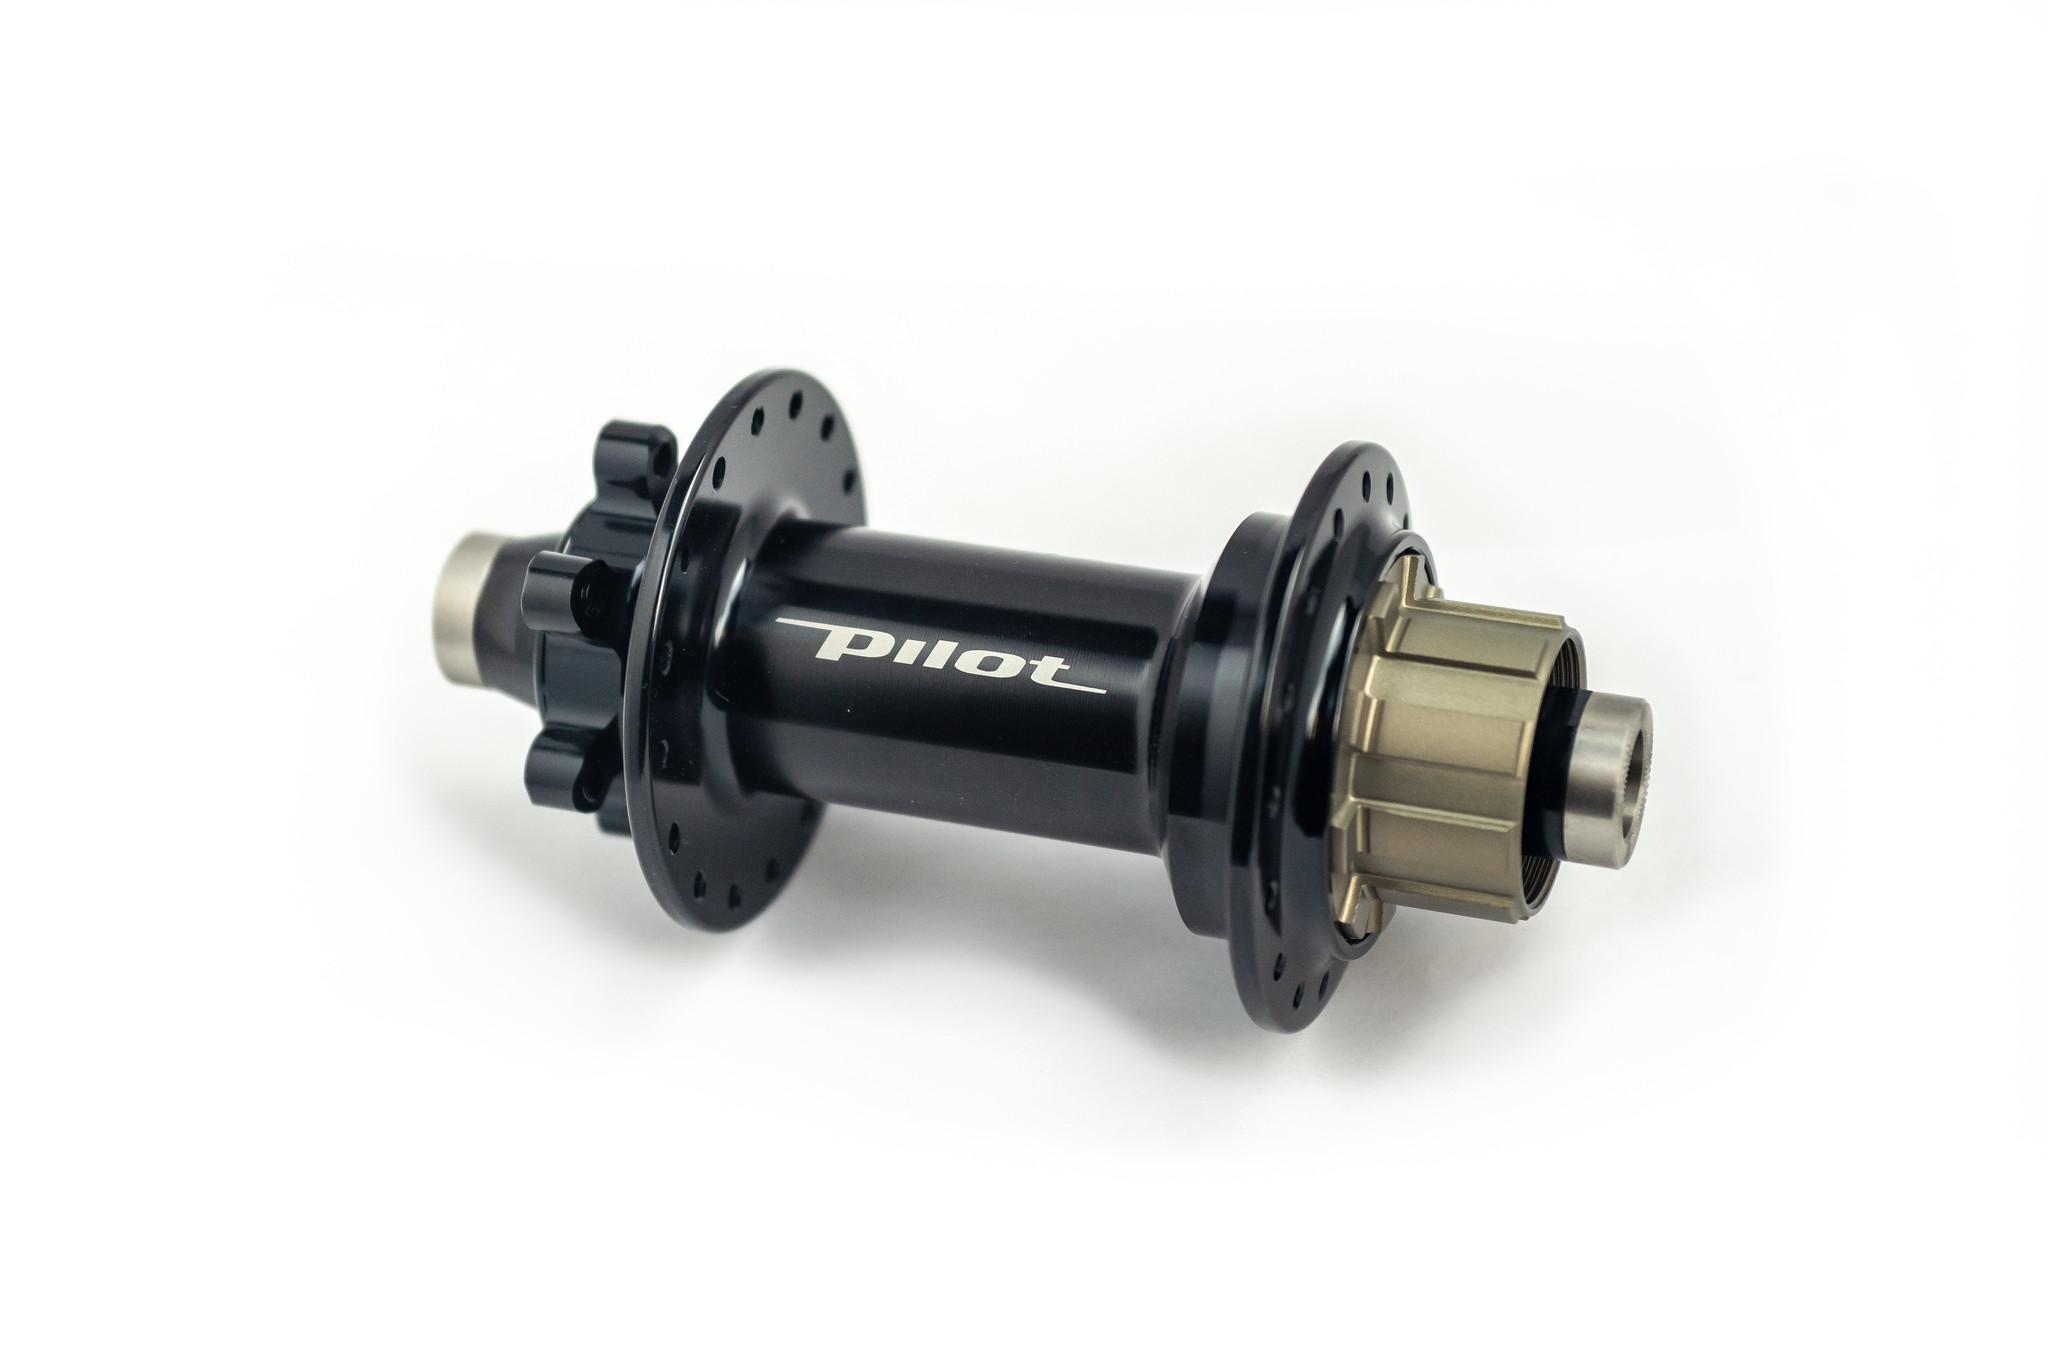 Single speed achternaaf  voor Pinion - 12mm thru axle 6 gaats disc bevestiging 32 spaken